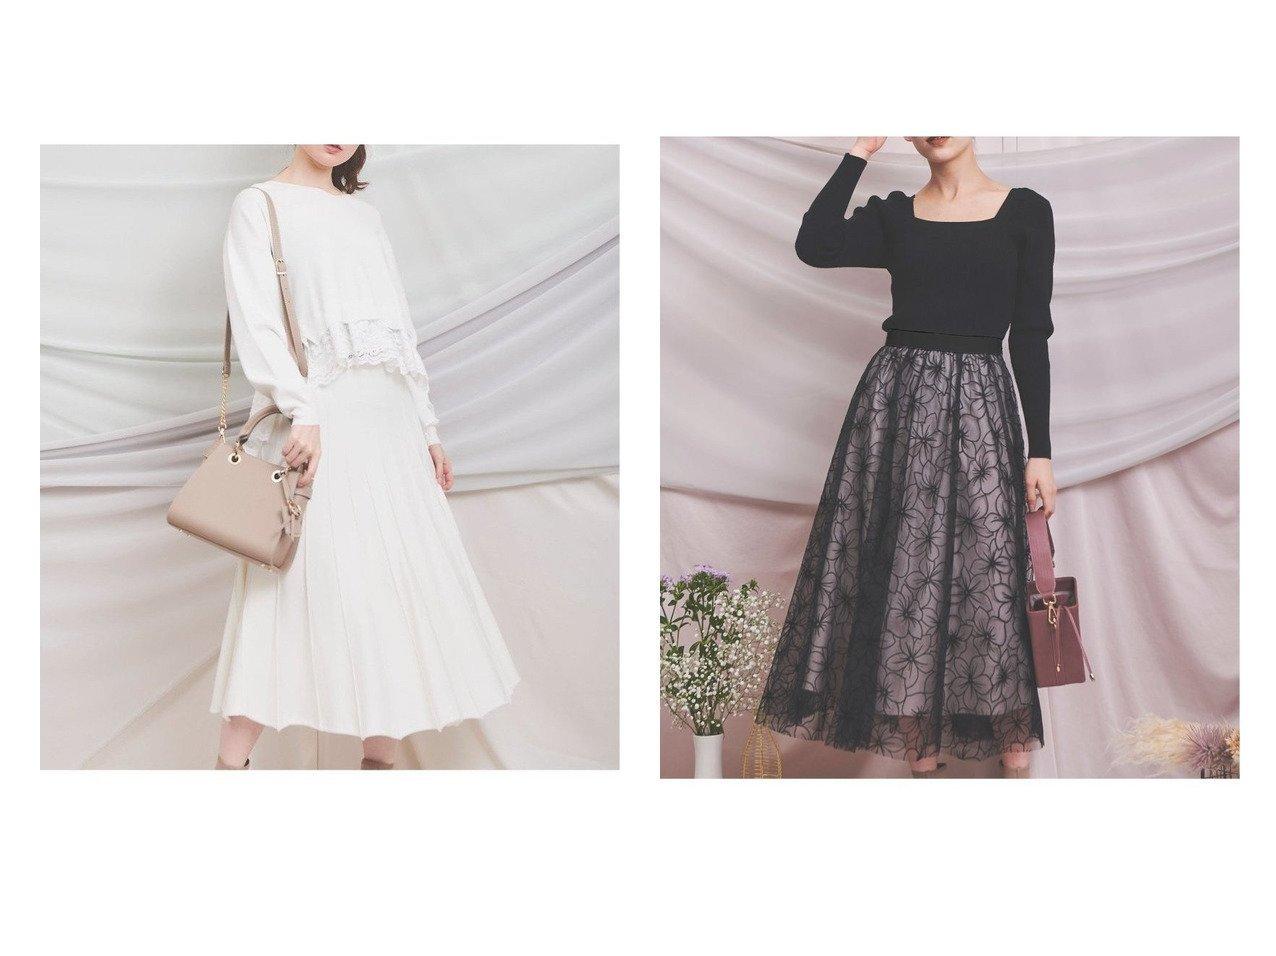 【Noela/ノエラ】のフロッキーチュールスカート&ニットフレアスカート スカートのおすすめ!人気、トレンド・レディースファッションの通販  おすすめで人気の流行・トレンド、ファッションの通販商品 メンズファッション・キッズファッション・インテリア・家具・レディースファッション・服の通販 founy(ファニー) https://founy.com/ ファッション Fashion レディースファッション WOMEN スカート Skirt Aライン/フレアスカート Flared A-Line Skirts ロングスカート Long Skirt セットアップ フレア プリーツ チュール レース ロング 冬 Winter |ID:crp329100000009708